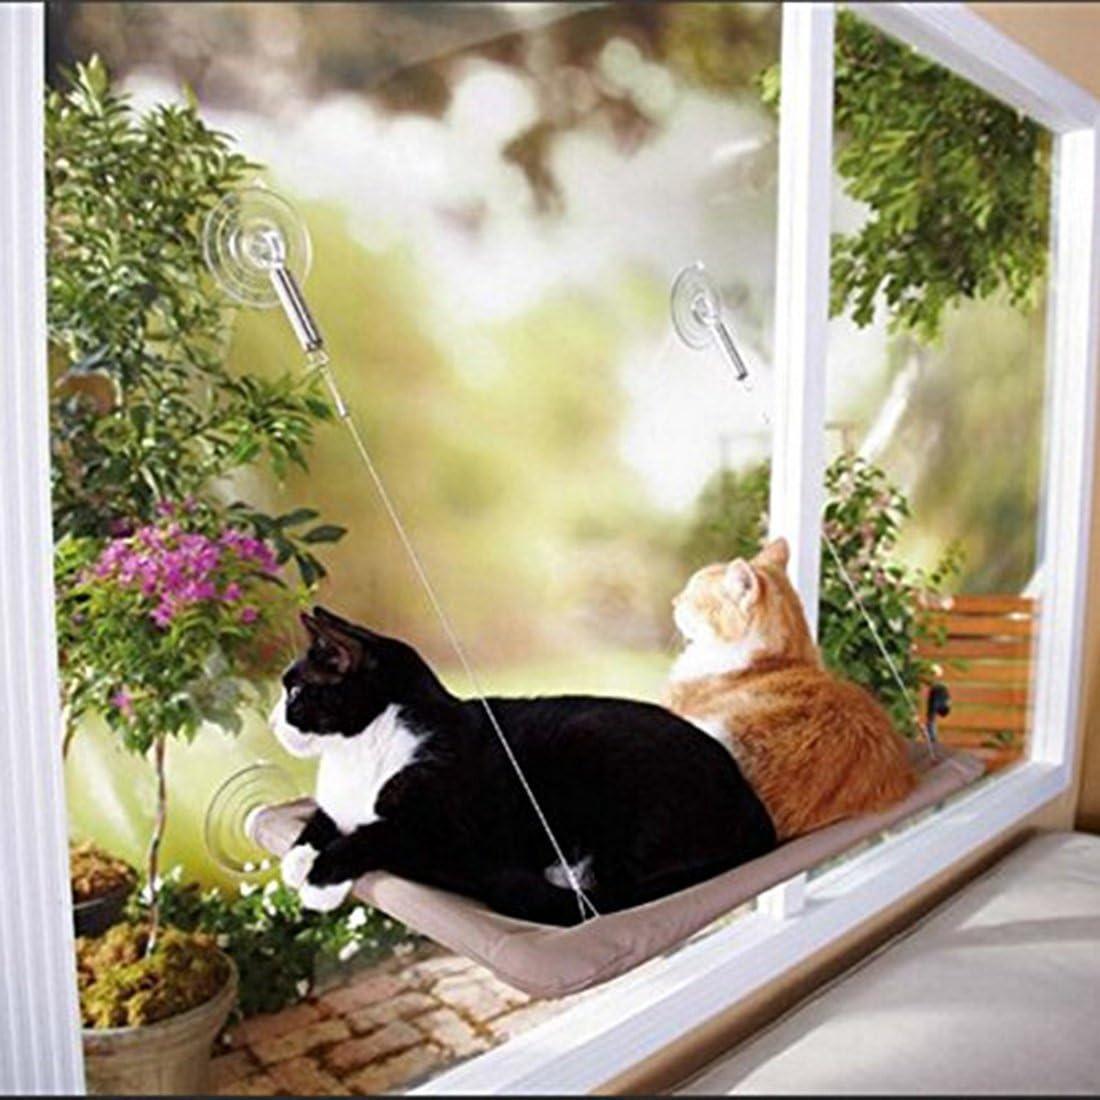 Cama Colgante de Mascota con Ventosas de Perilla Resistentes para Descansar y Tomar el Sol Weichuang Hamaca Ventana de Gato con Manta Gato y Pluma Juquete para Gato